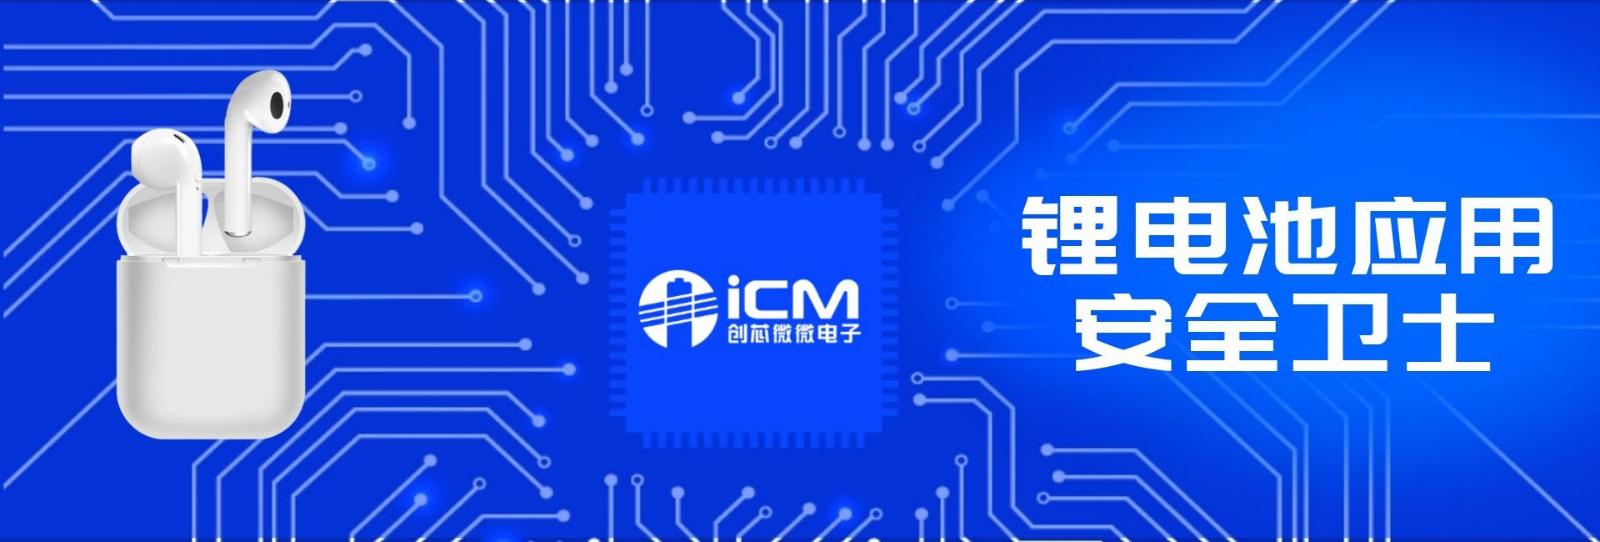 小体积,大保护——CM1124为TWS蓝牙耳机锂电池安全应用保驾护航